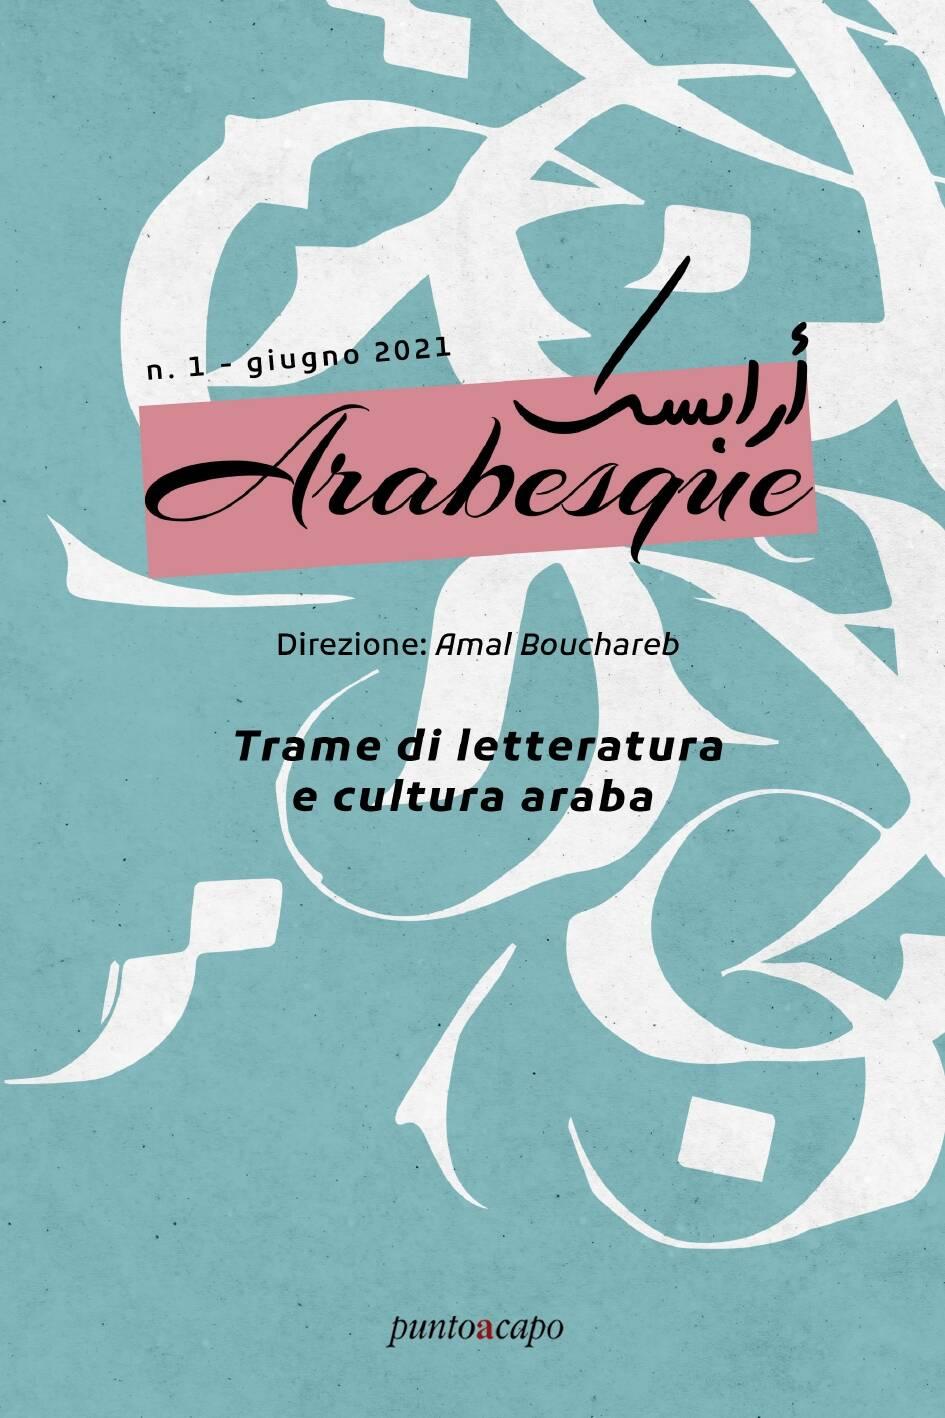 Rivista Arabesque